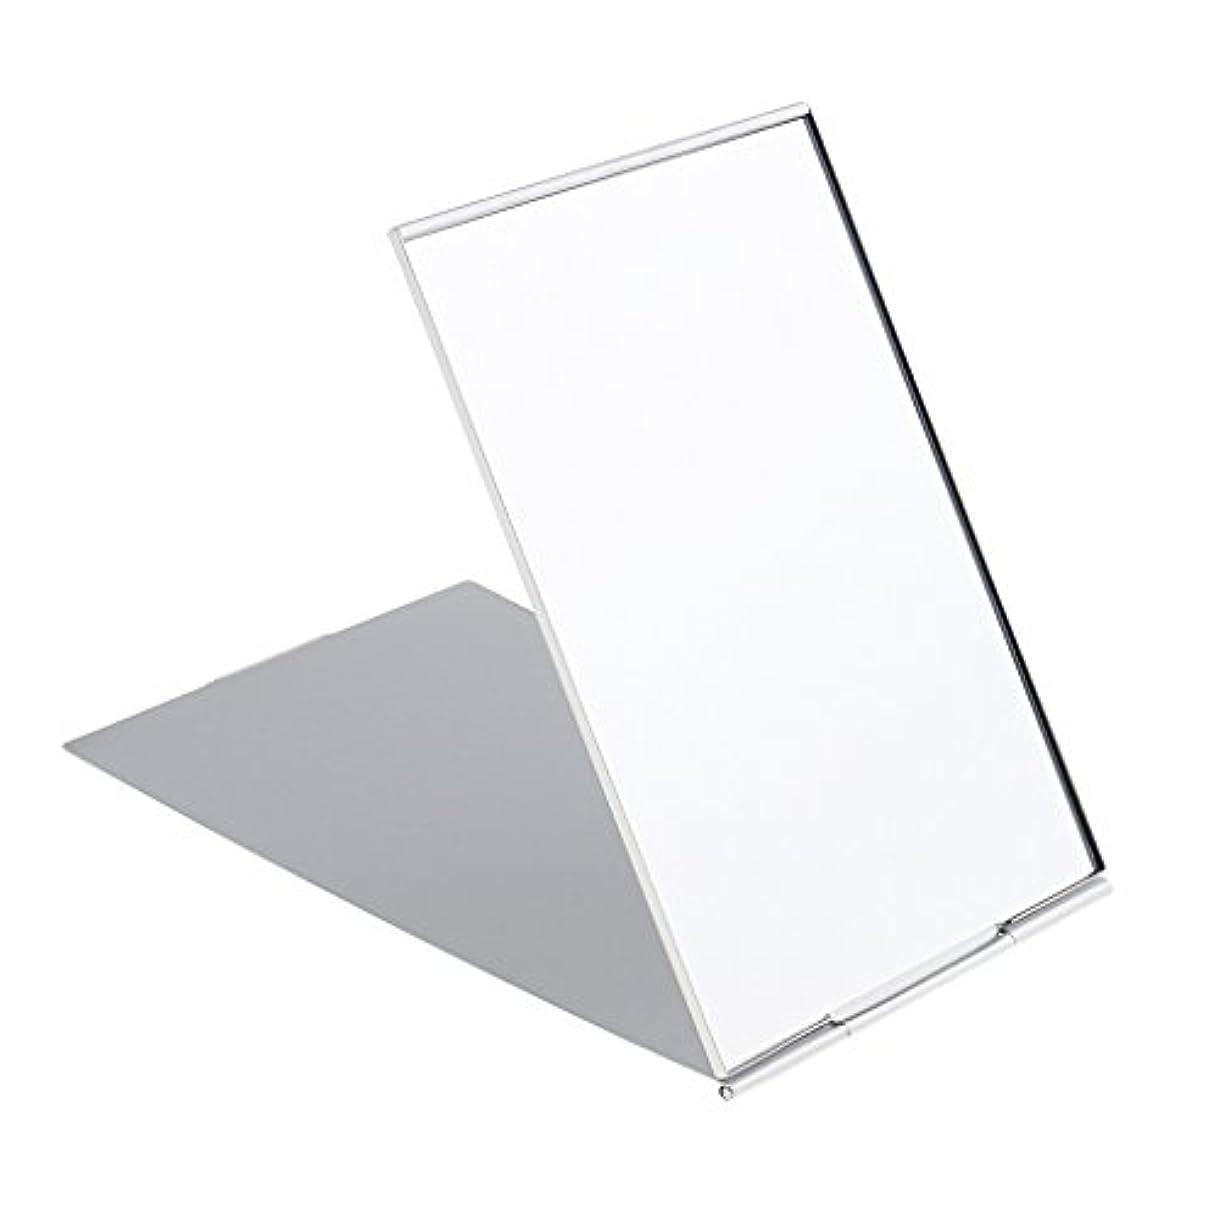 瀬戸際引き受ける与えるSM SunniMix 化粧鏡 スタンド 卓上 メイクアップミラー 折り畳み式 卓上ミラー 全3サイズ - #1